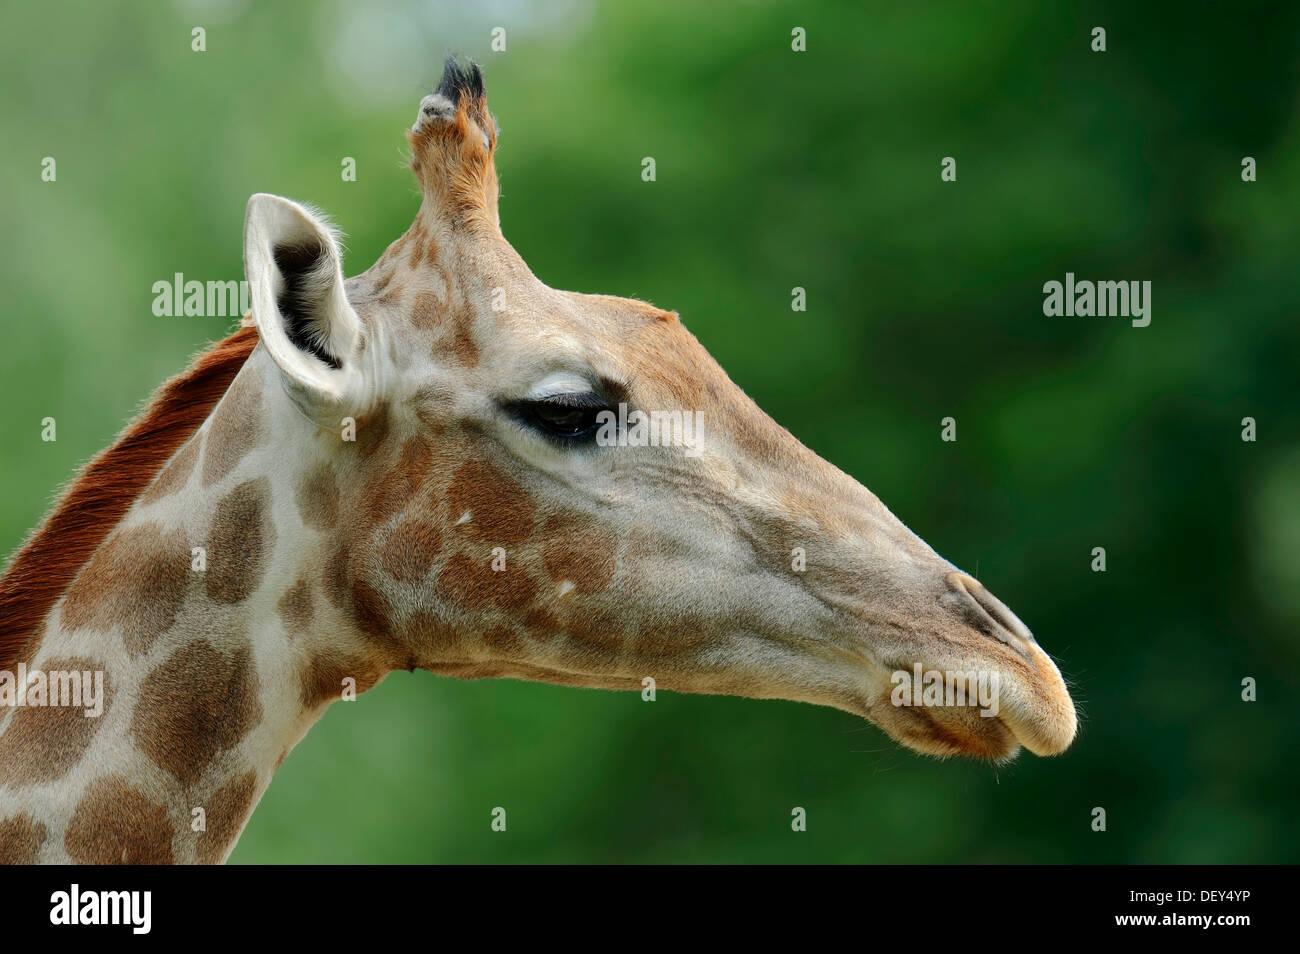 Communauté Girafe (Giraffa camelopardalis angolensis), portrait, originaire de la Zambie, la Namibie, le Botswana et le Zimbabwe, captive, France Banque D'Images